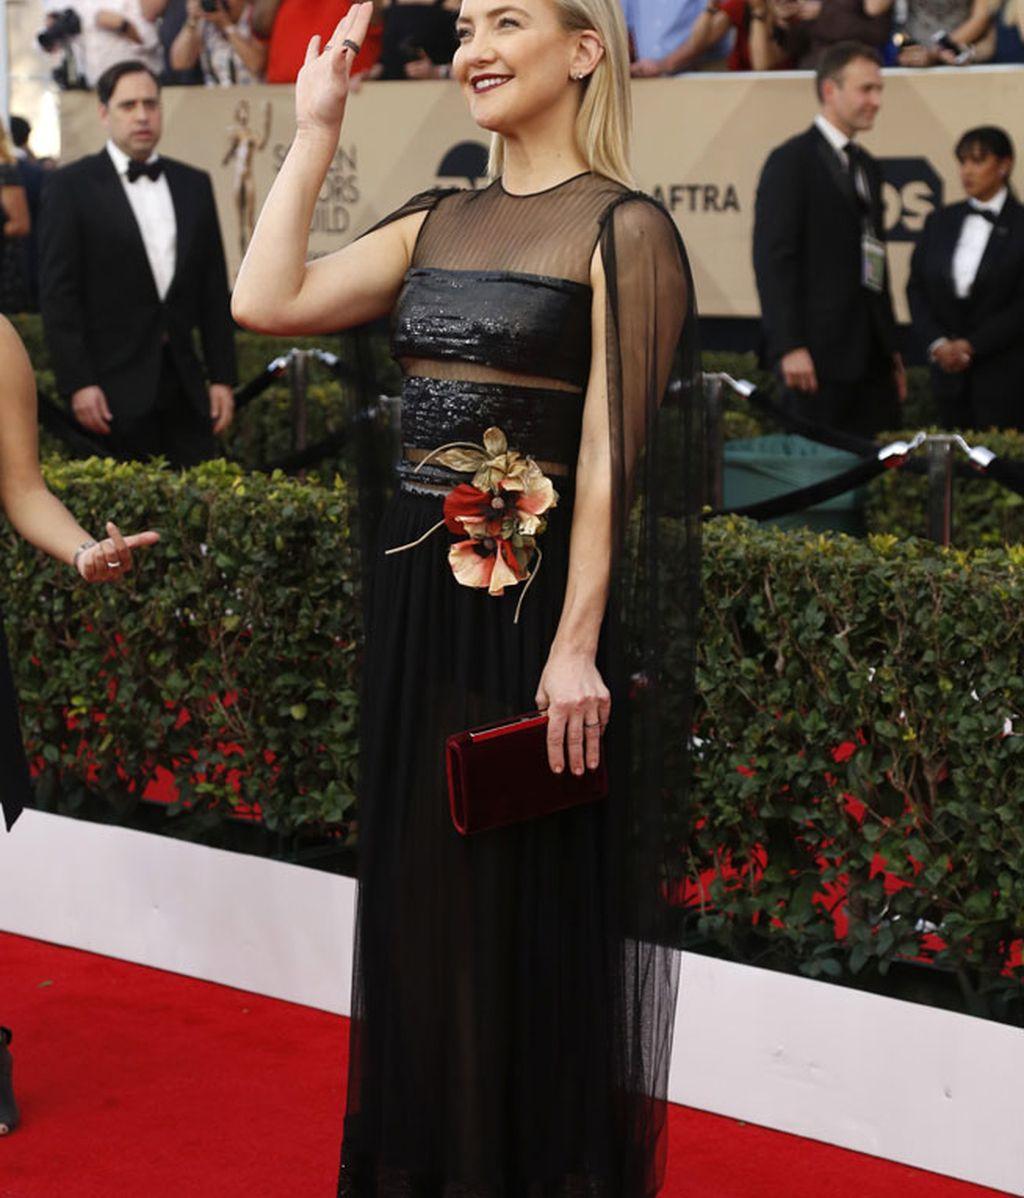 Todo en uno para el Dior de Kate Hudson: brilli, tranparencias y una gran flor